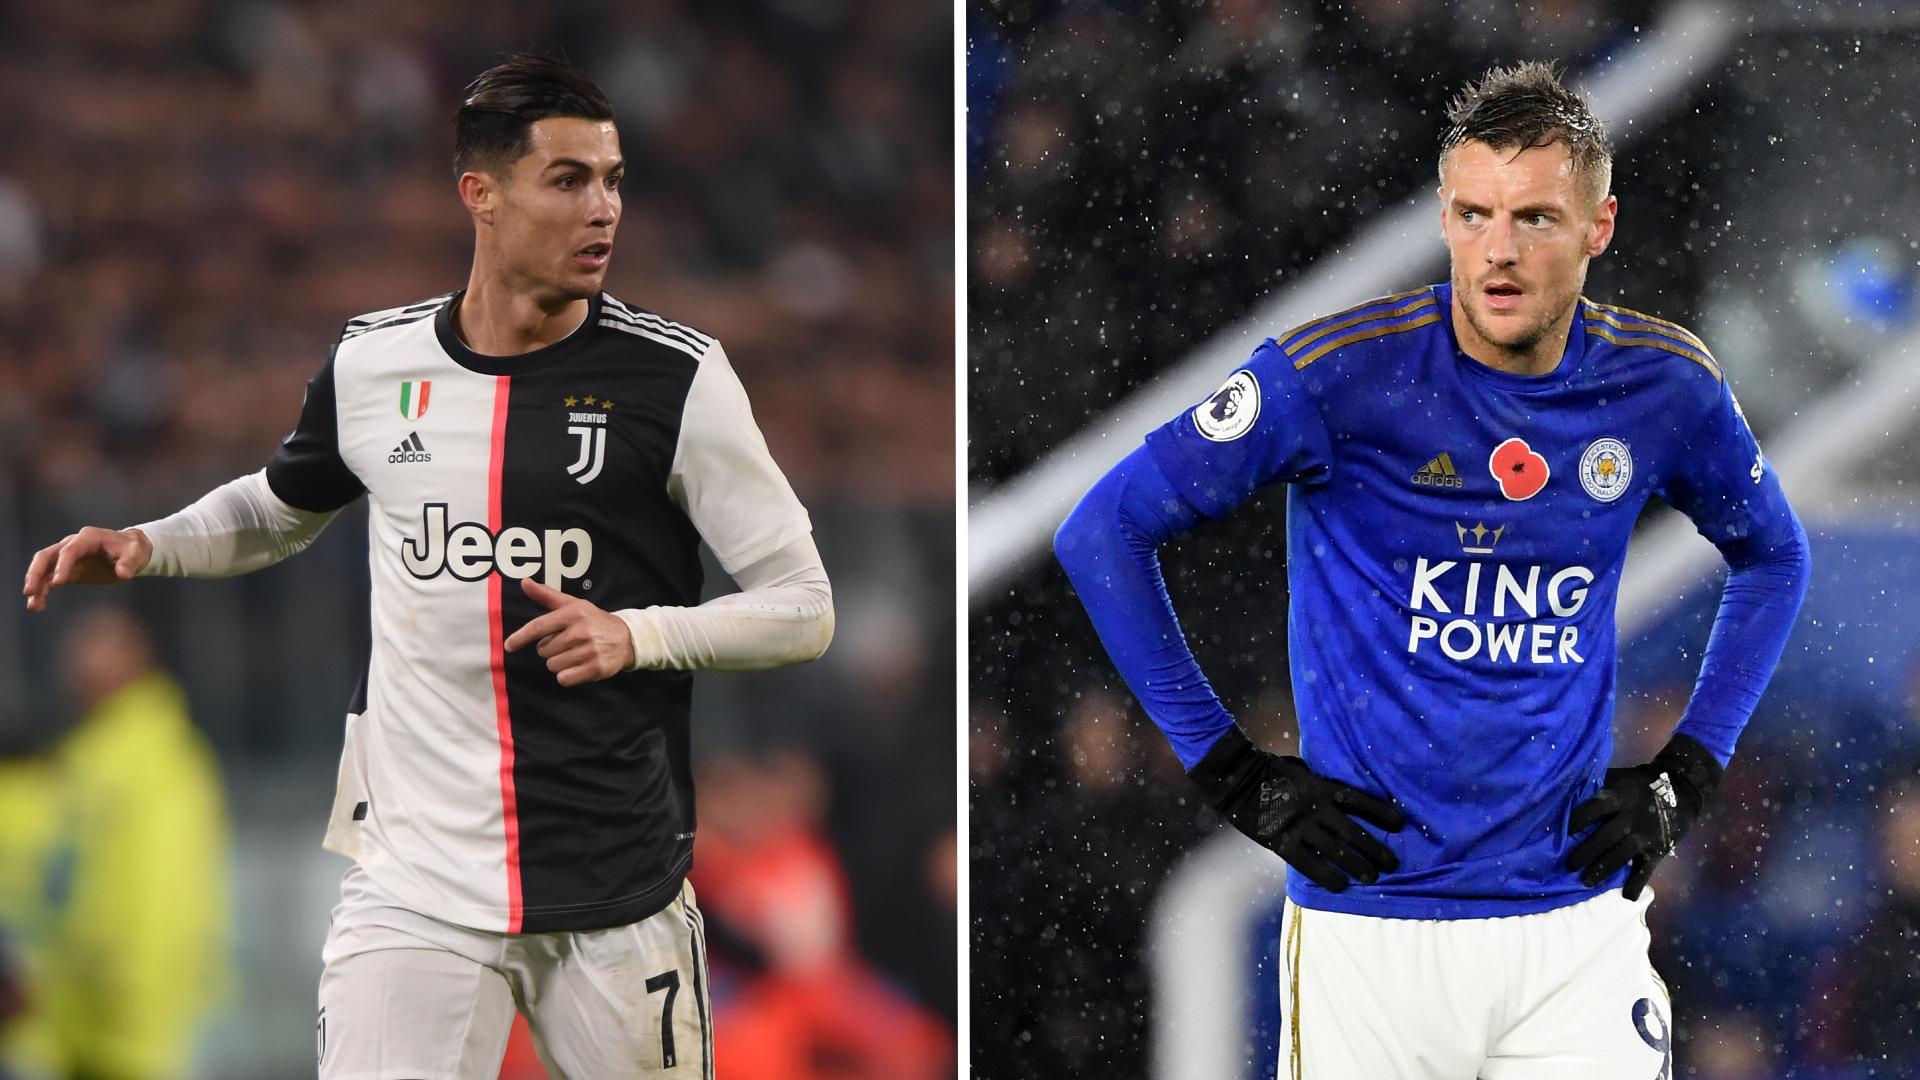 Pereira compares Vardy to fellow Portugal international Ronaldo